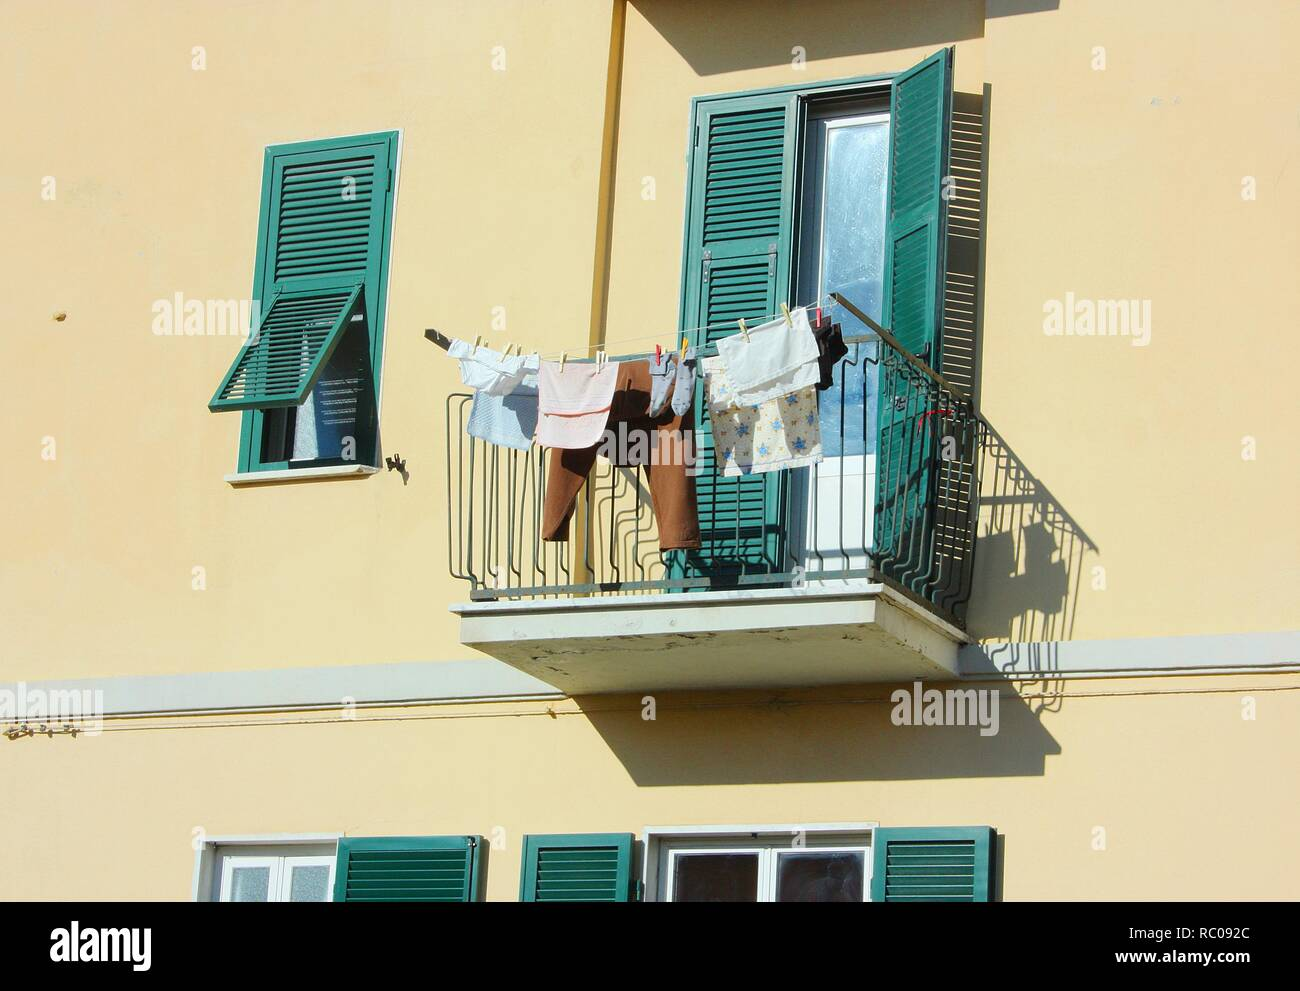 El Balcón De Una Casa Con Paredes De Color Ocre La Terraza